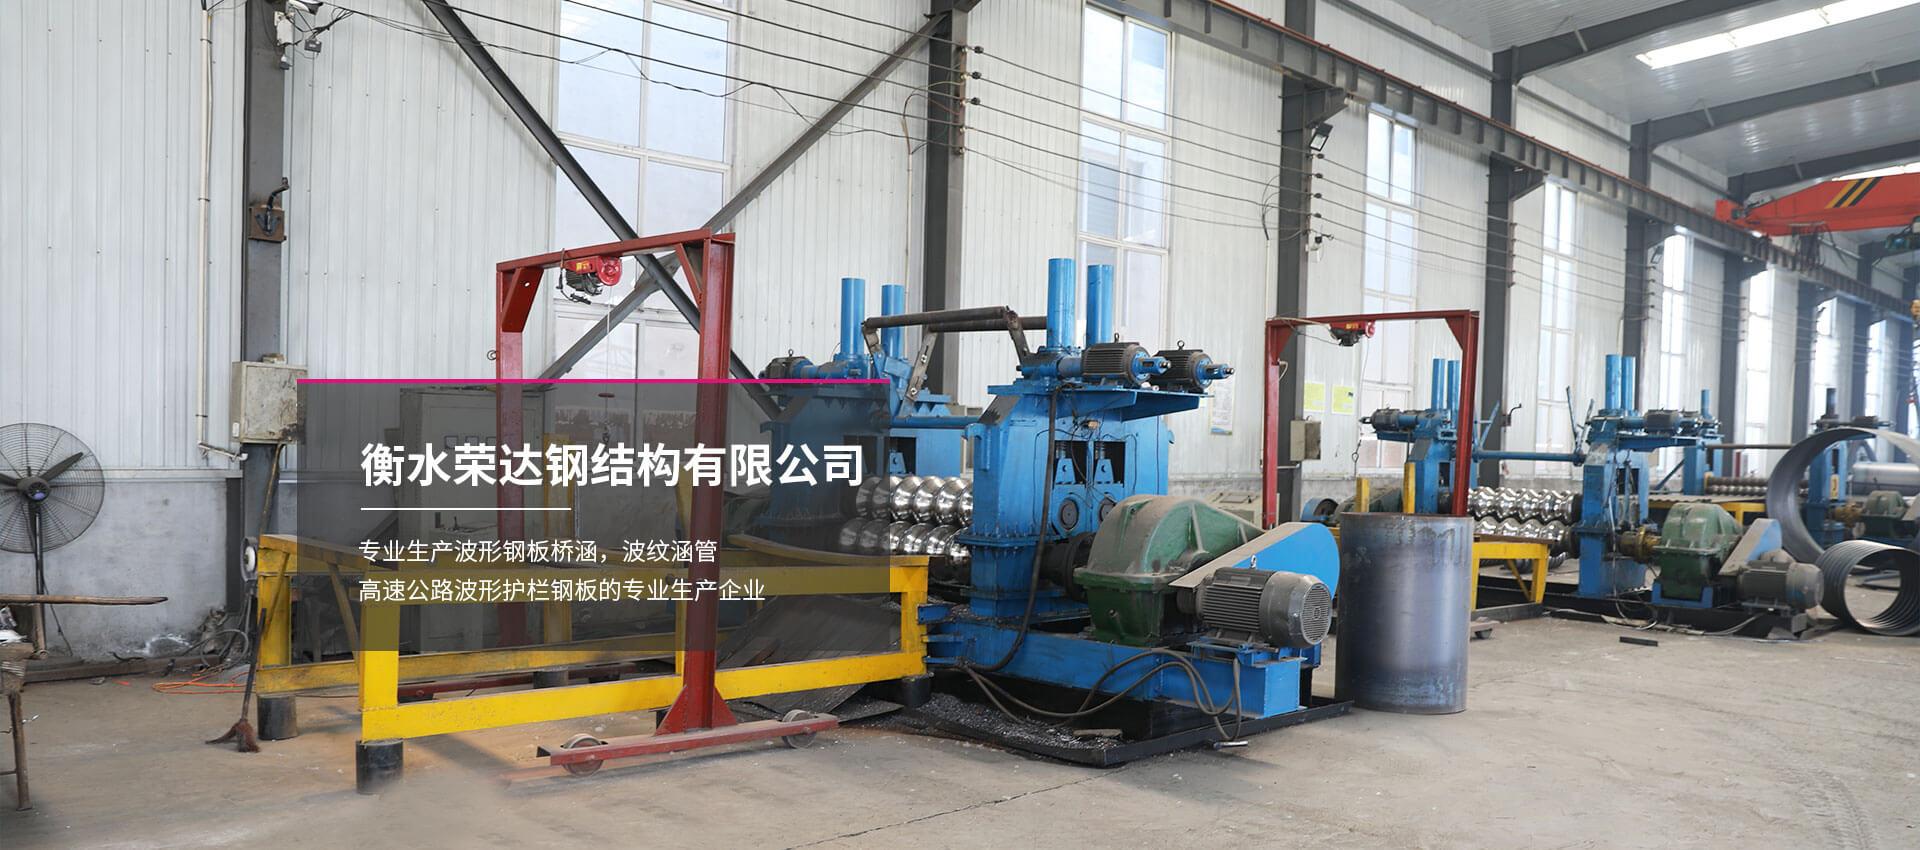 高速公路波形护栏钢板专业生产企业